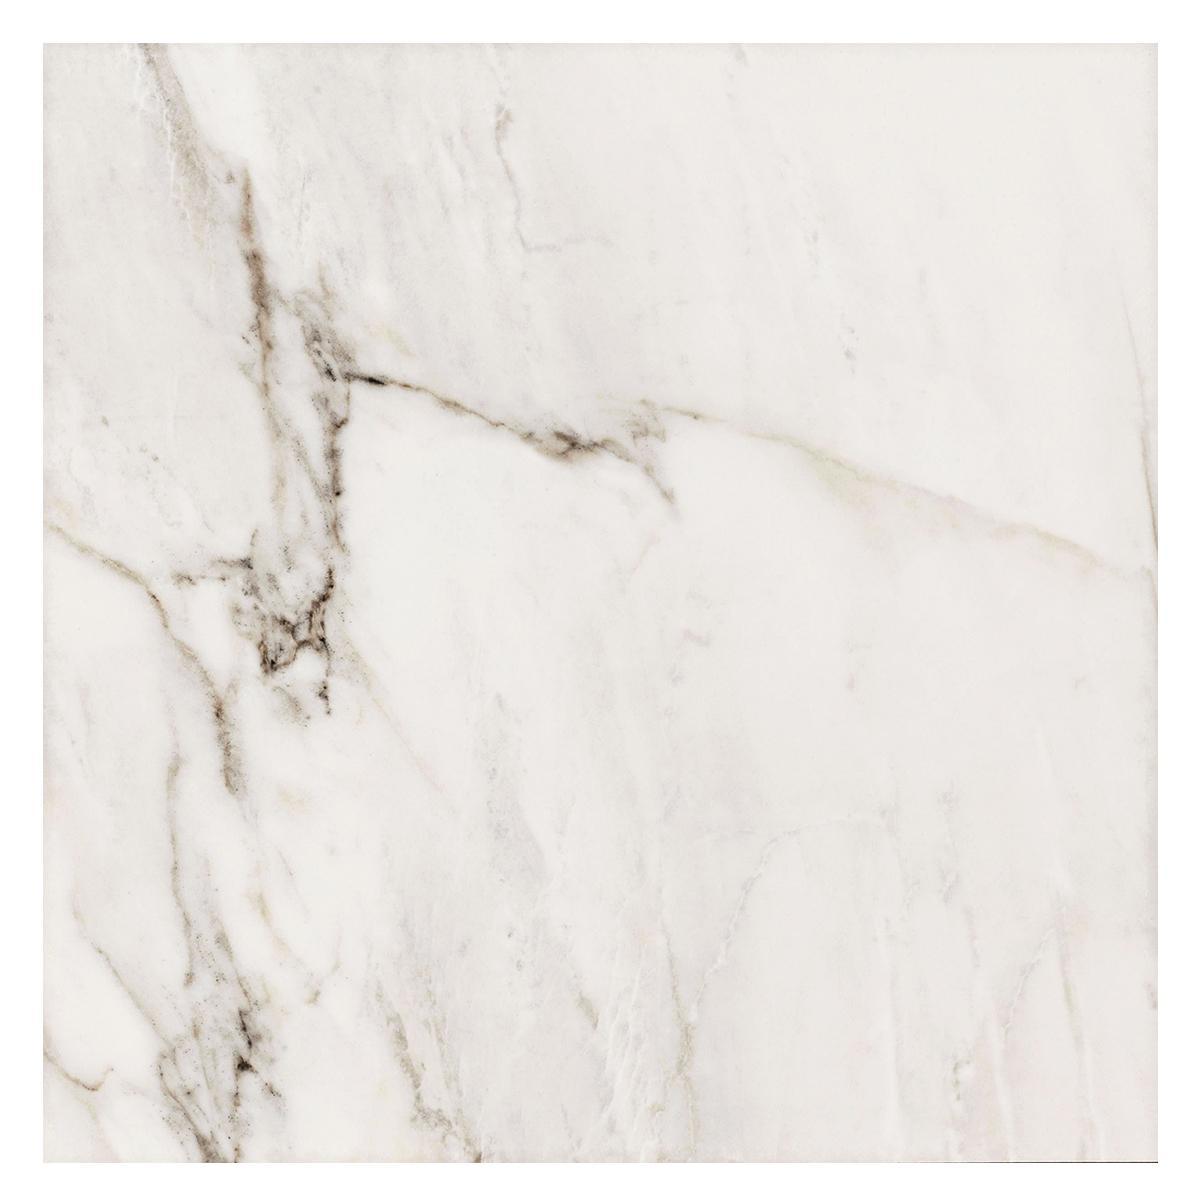 Porcelanato Fossile Blanco/Gris Mate - 59X59 cm - 1.39 m2